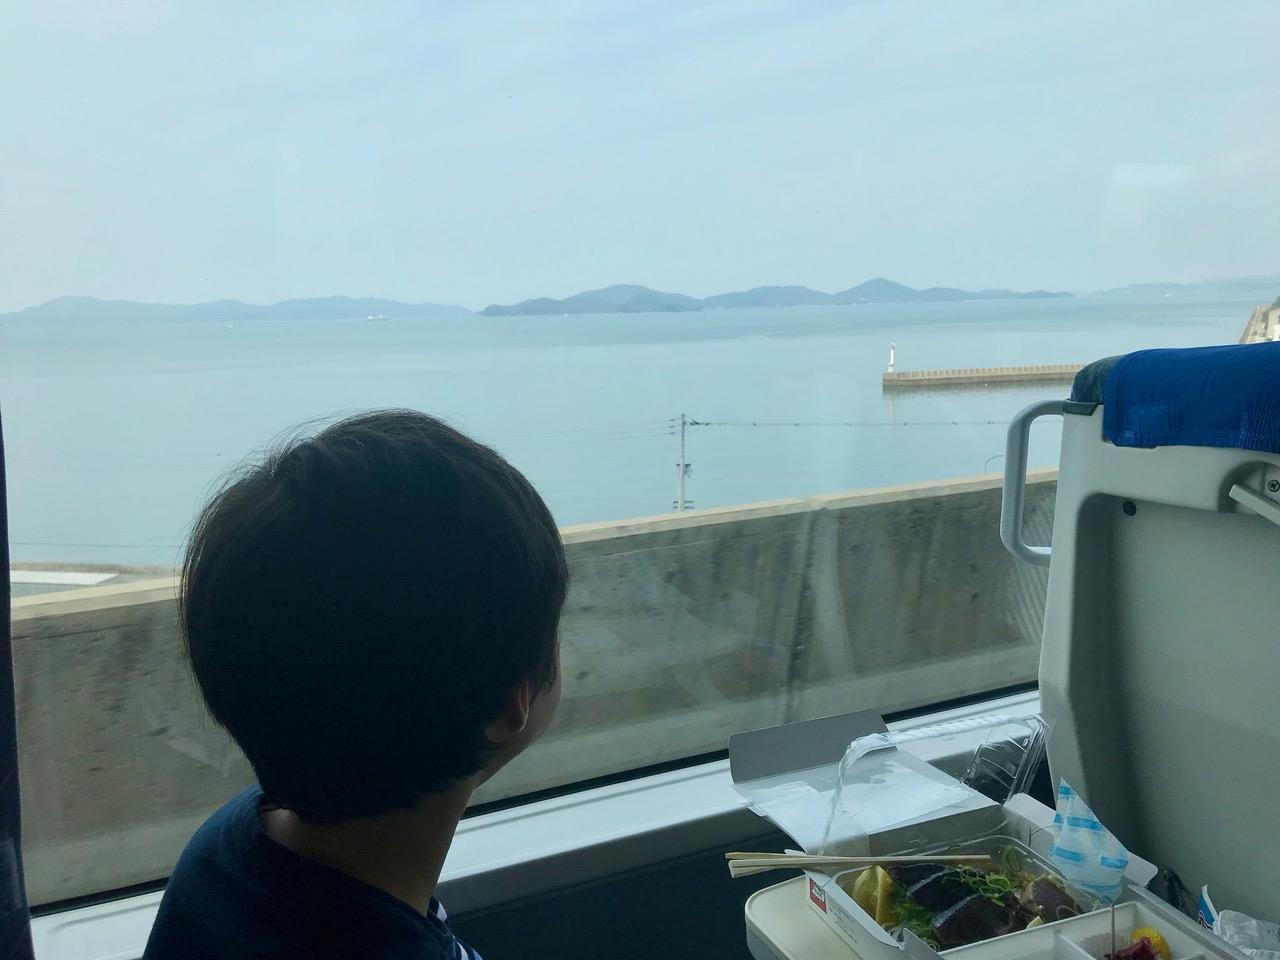 瀬戸大橋からの眺め。カツオのたたき弁当を食べながら。